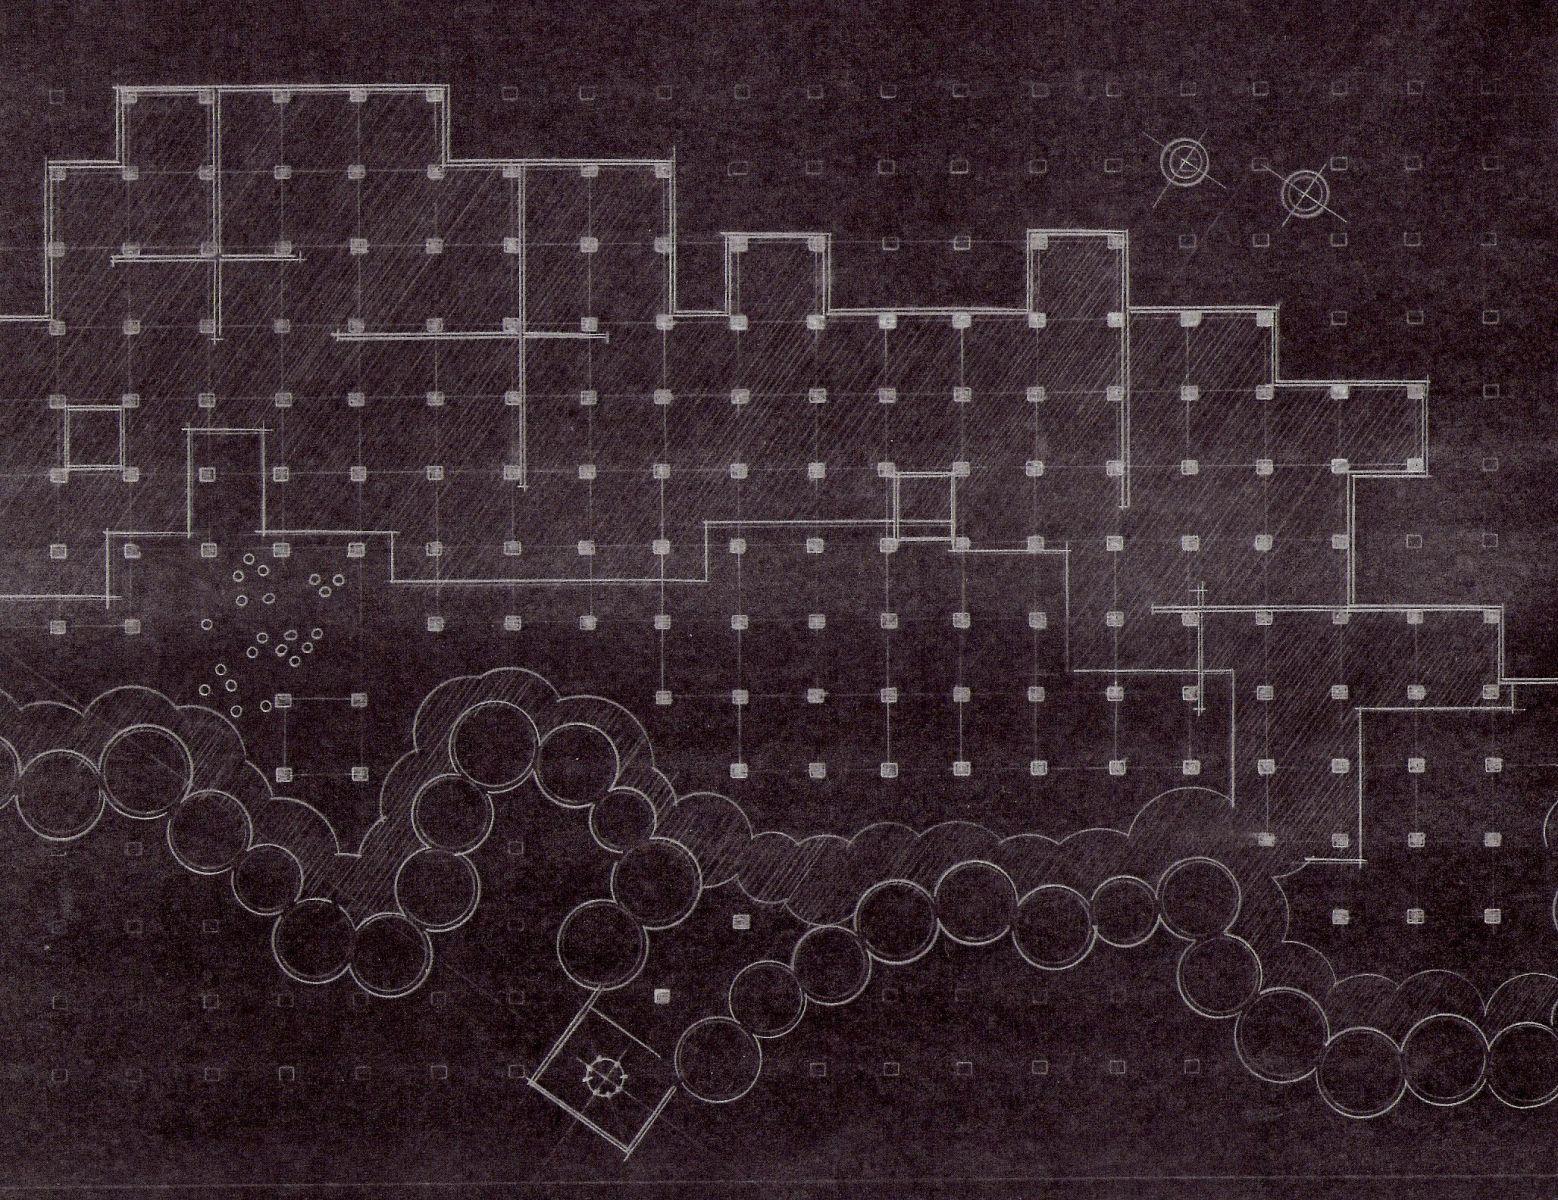 Floor Plan of Introspectory